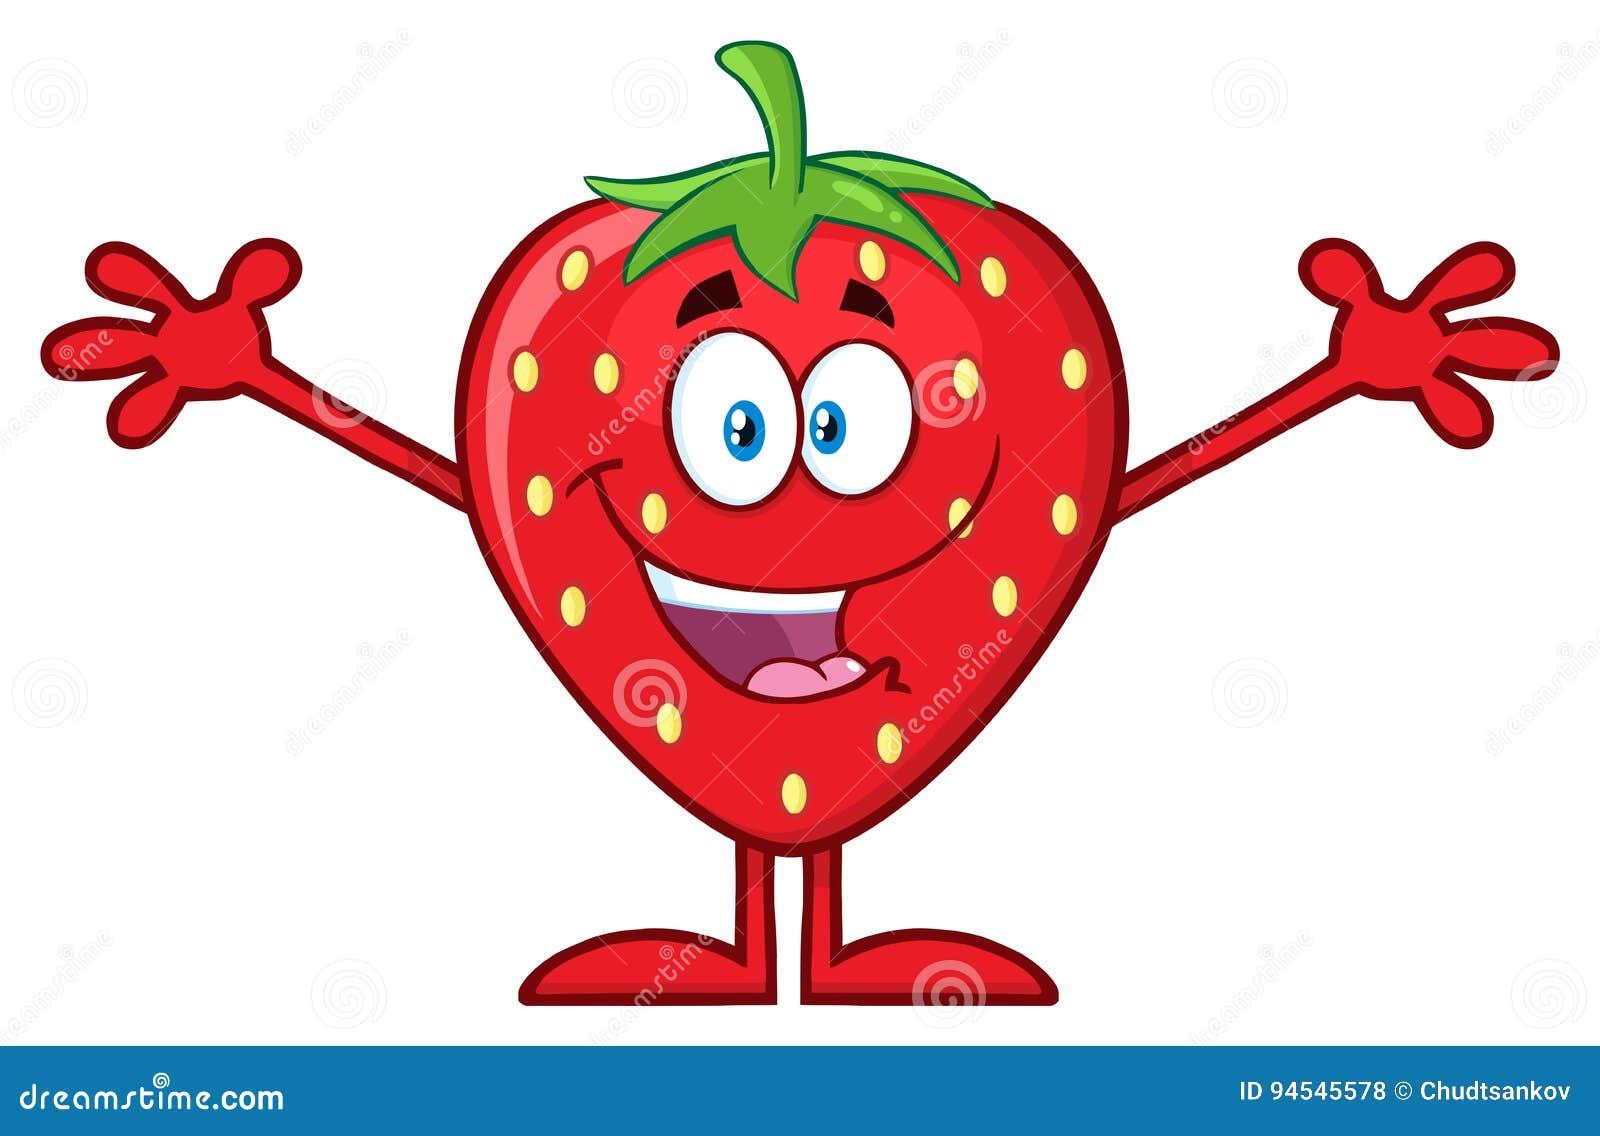 personaje de dibujos animados feliz de la fruta de la fresa con los